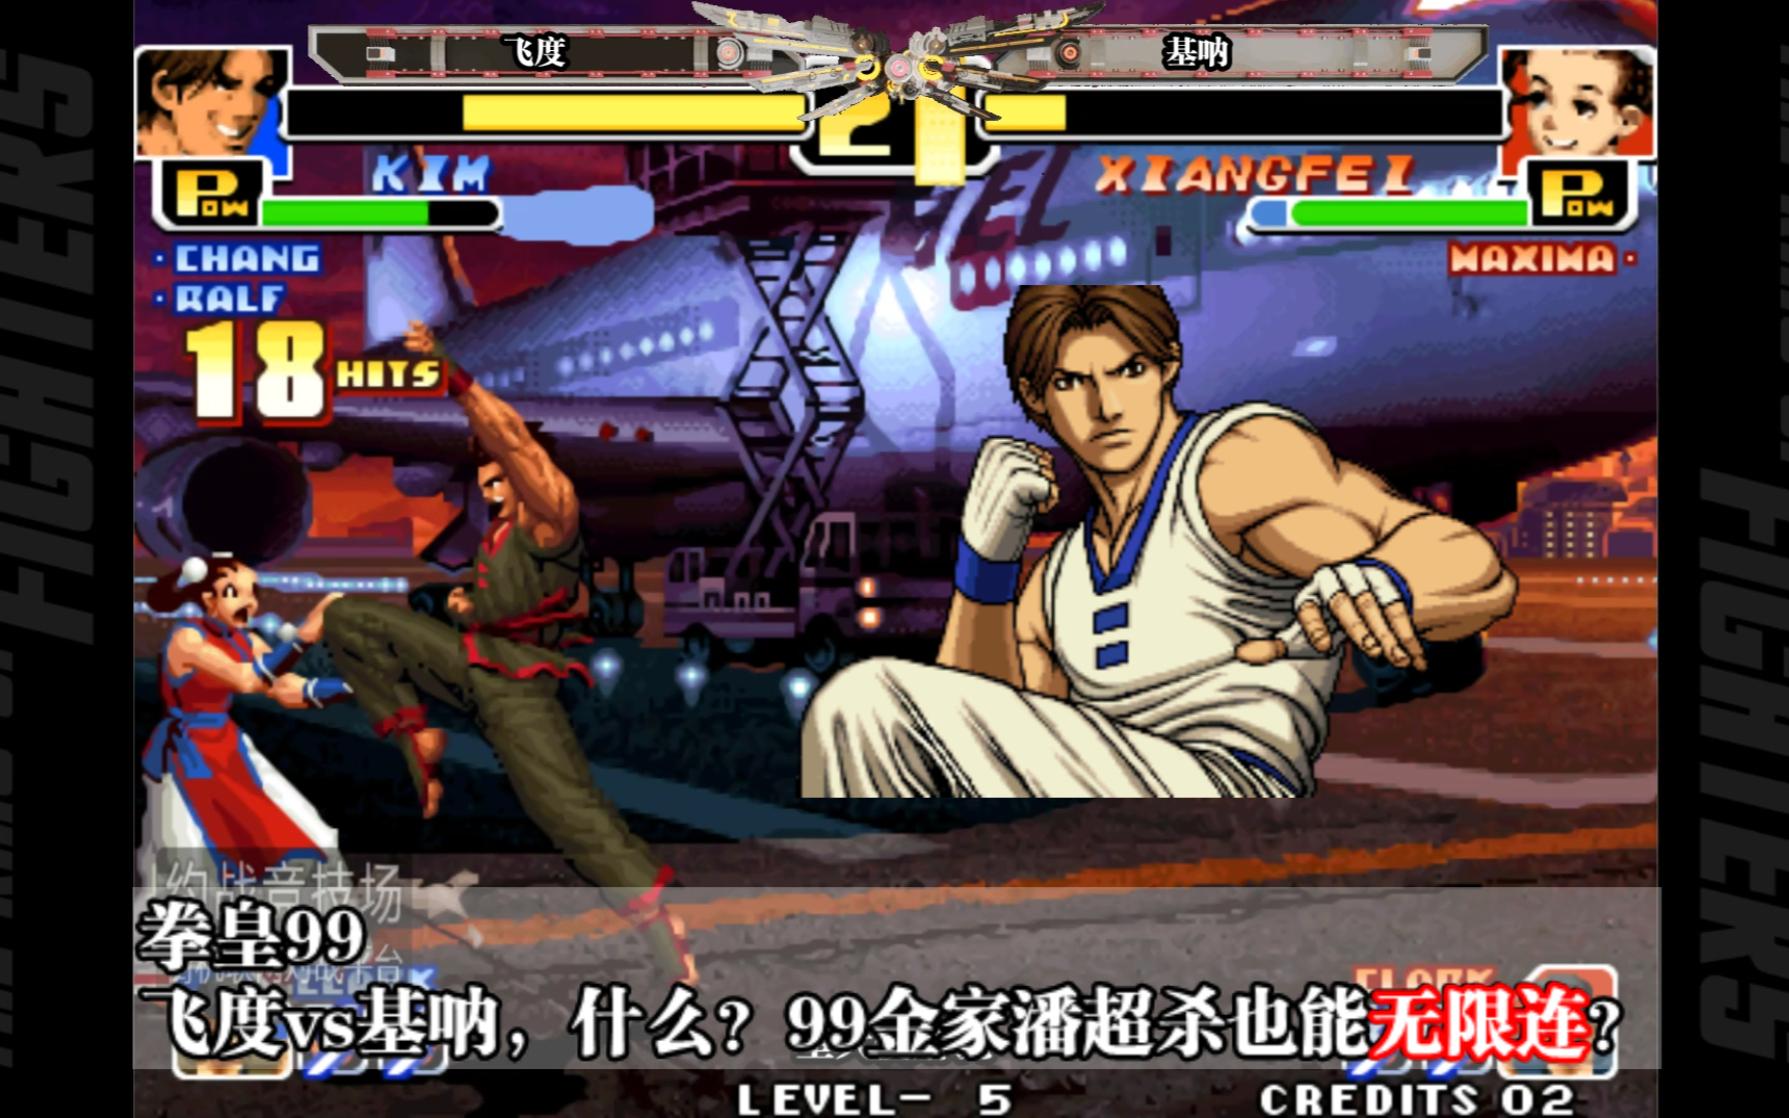 拳皇99最坑人的操作,香妃自己使用bug让对手金家潘打出无限连?